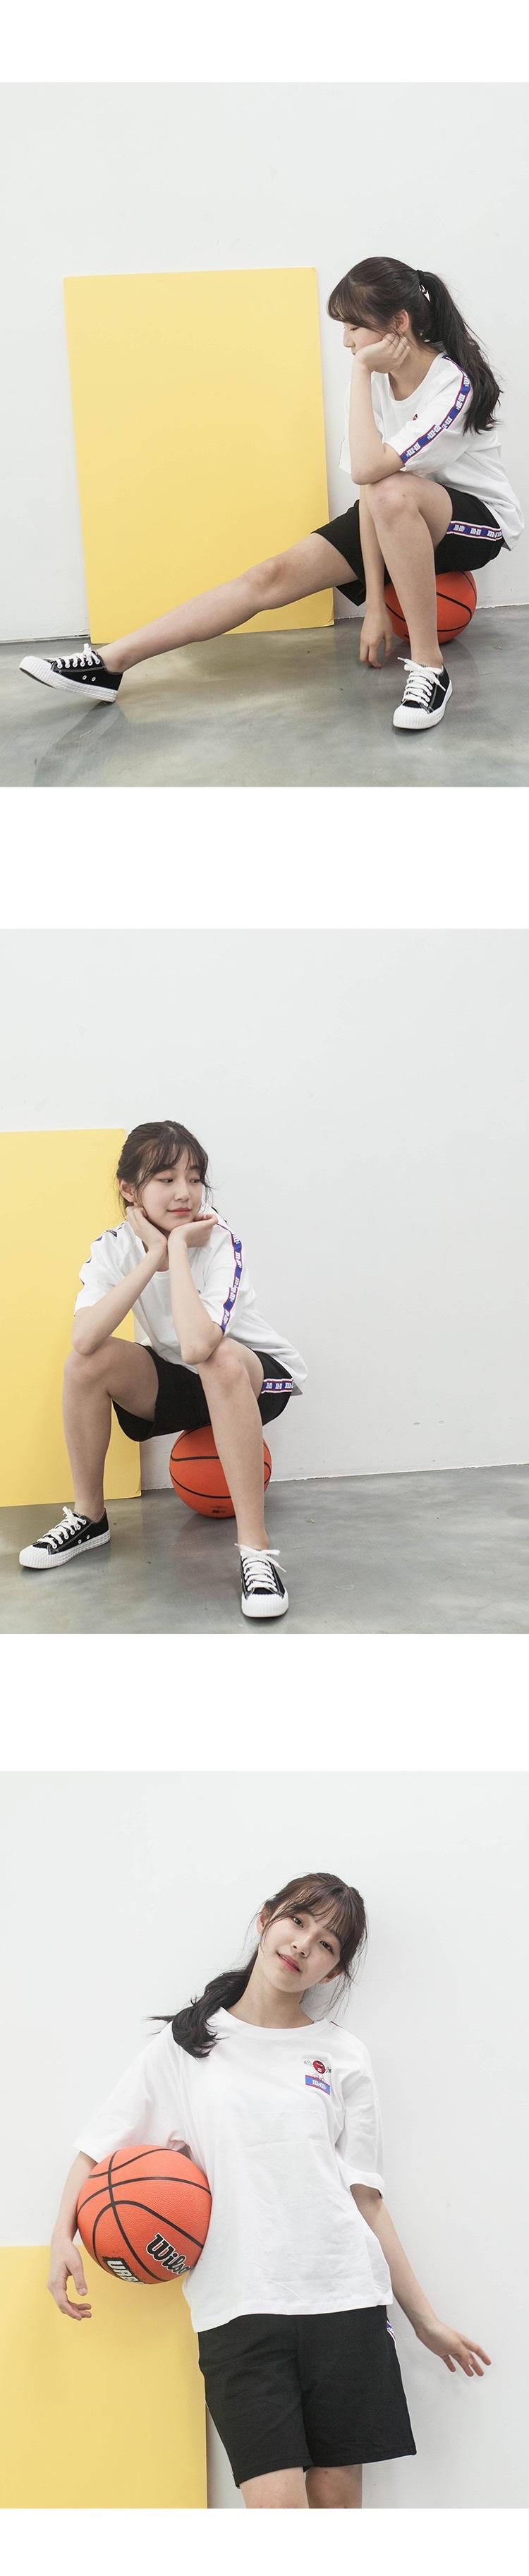 아이돌학교_백지헌 (1).jpg